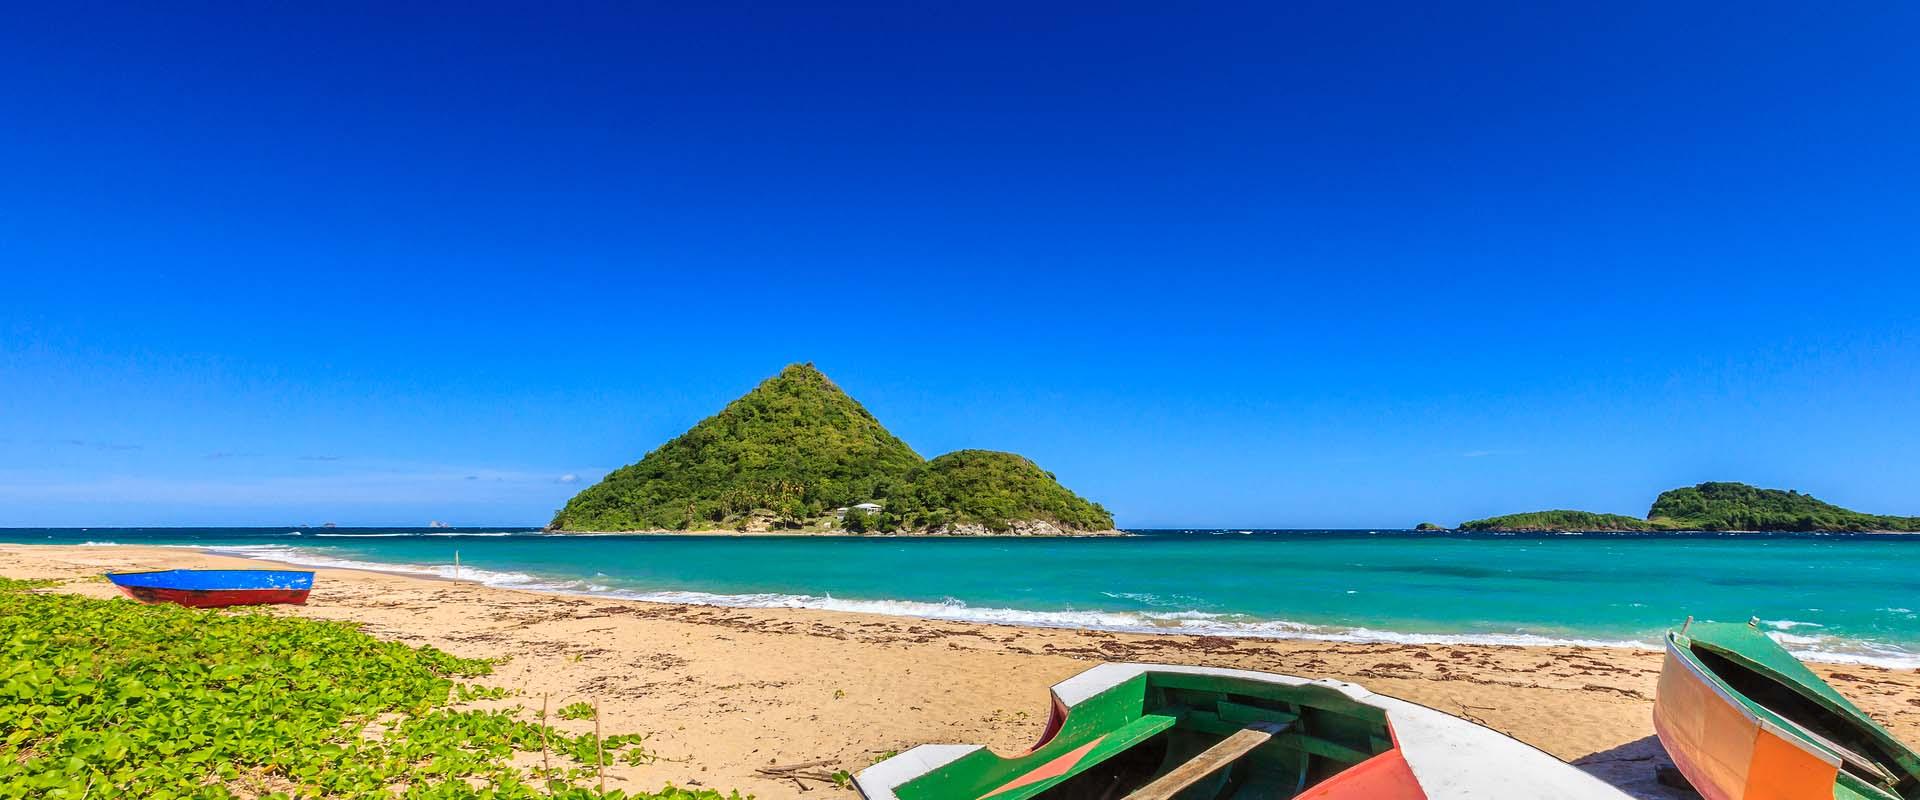 Grenada Public Holidays 2018 - PublicHolidays la